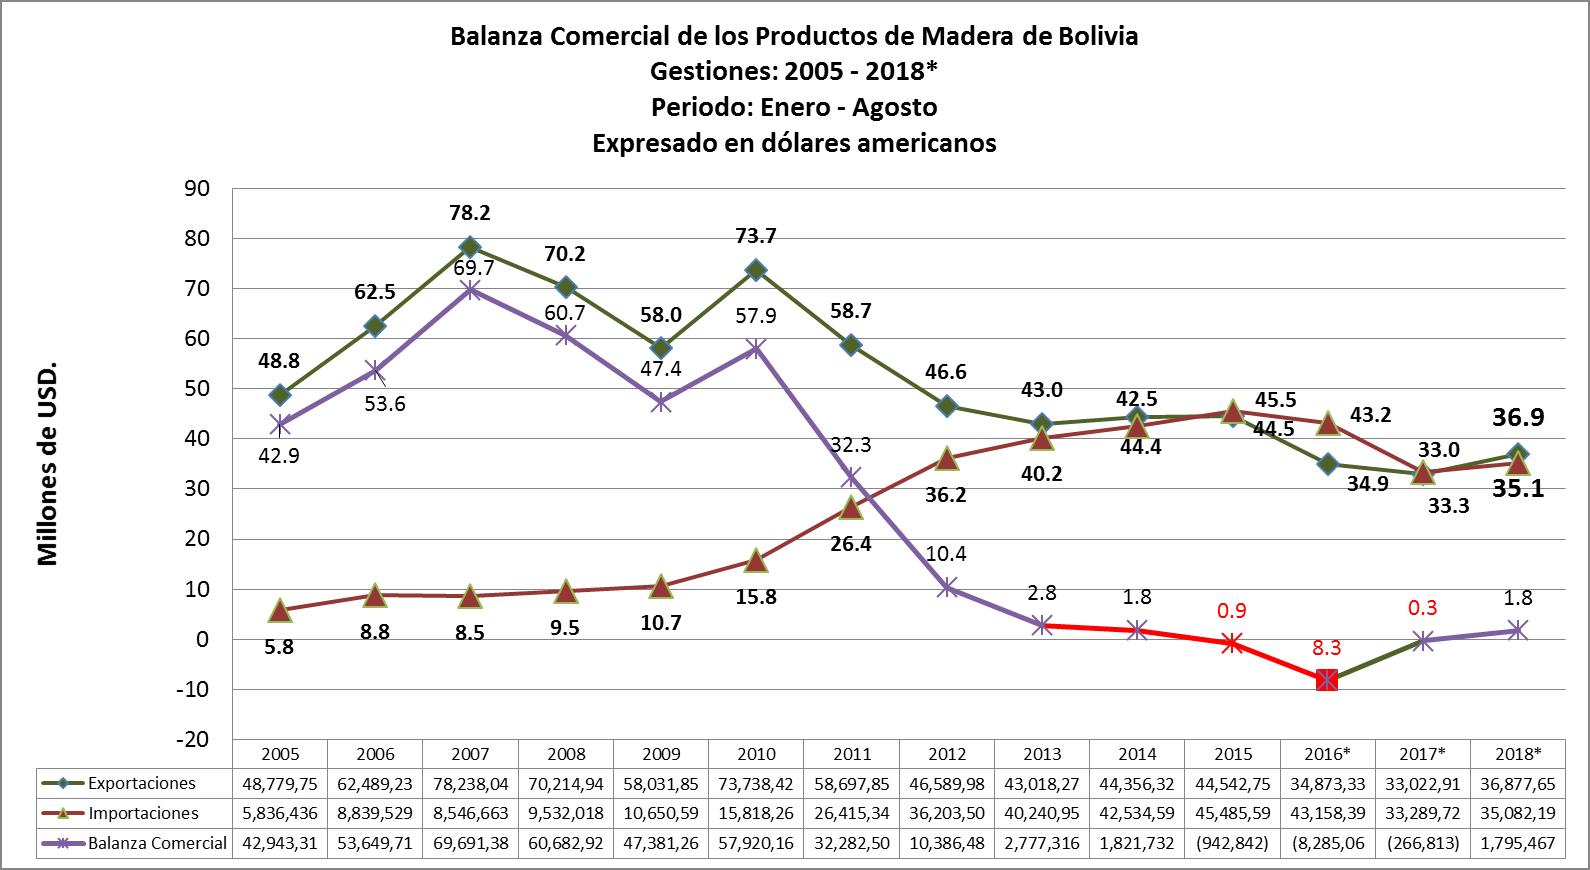 El comericio exterior de productos de madera de Bolivia en el periodo enero-Agosto tiene una balanza comercial positiva,en comparacion con el mismo periodo del 2017 en USD 1.8 Millones.